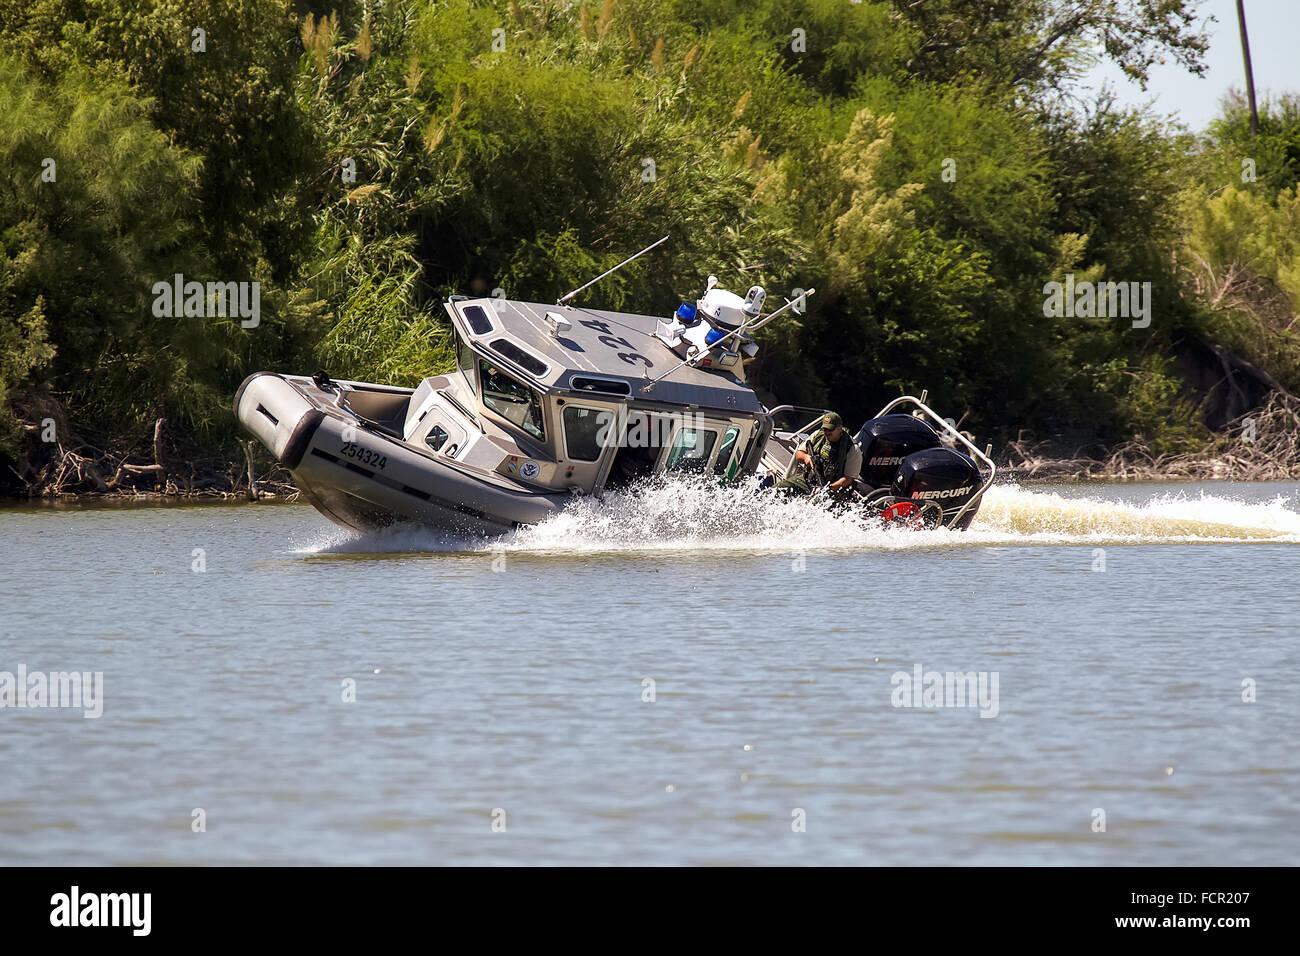 Stati Uniti Delle dogane e della protezione delle frontiere, unità fluviali di pattuglia nella classe Defender Immagini Stock